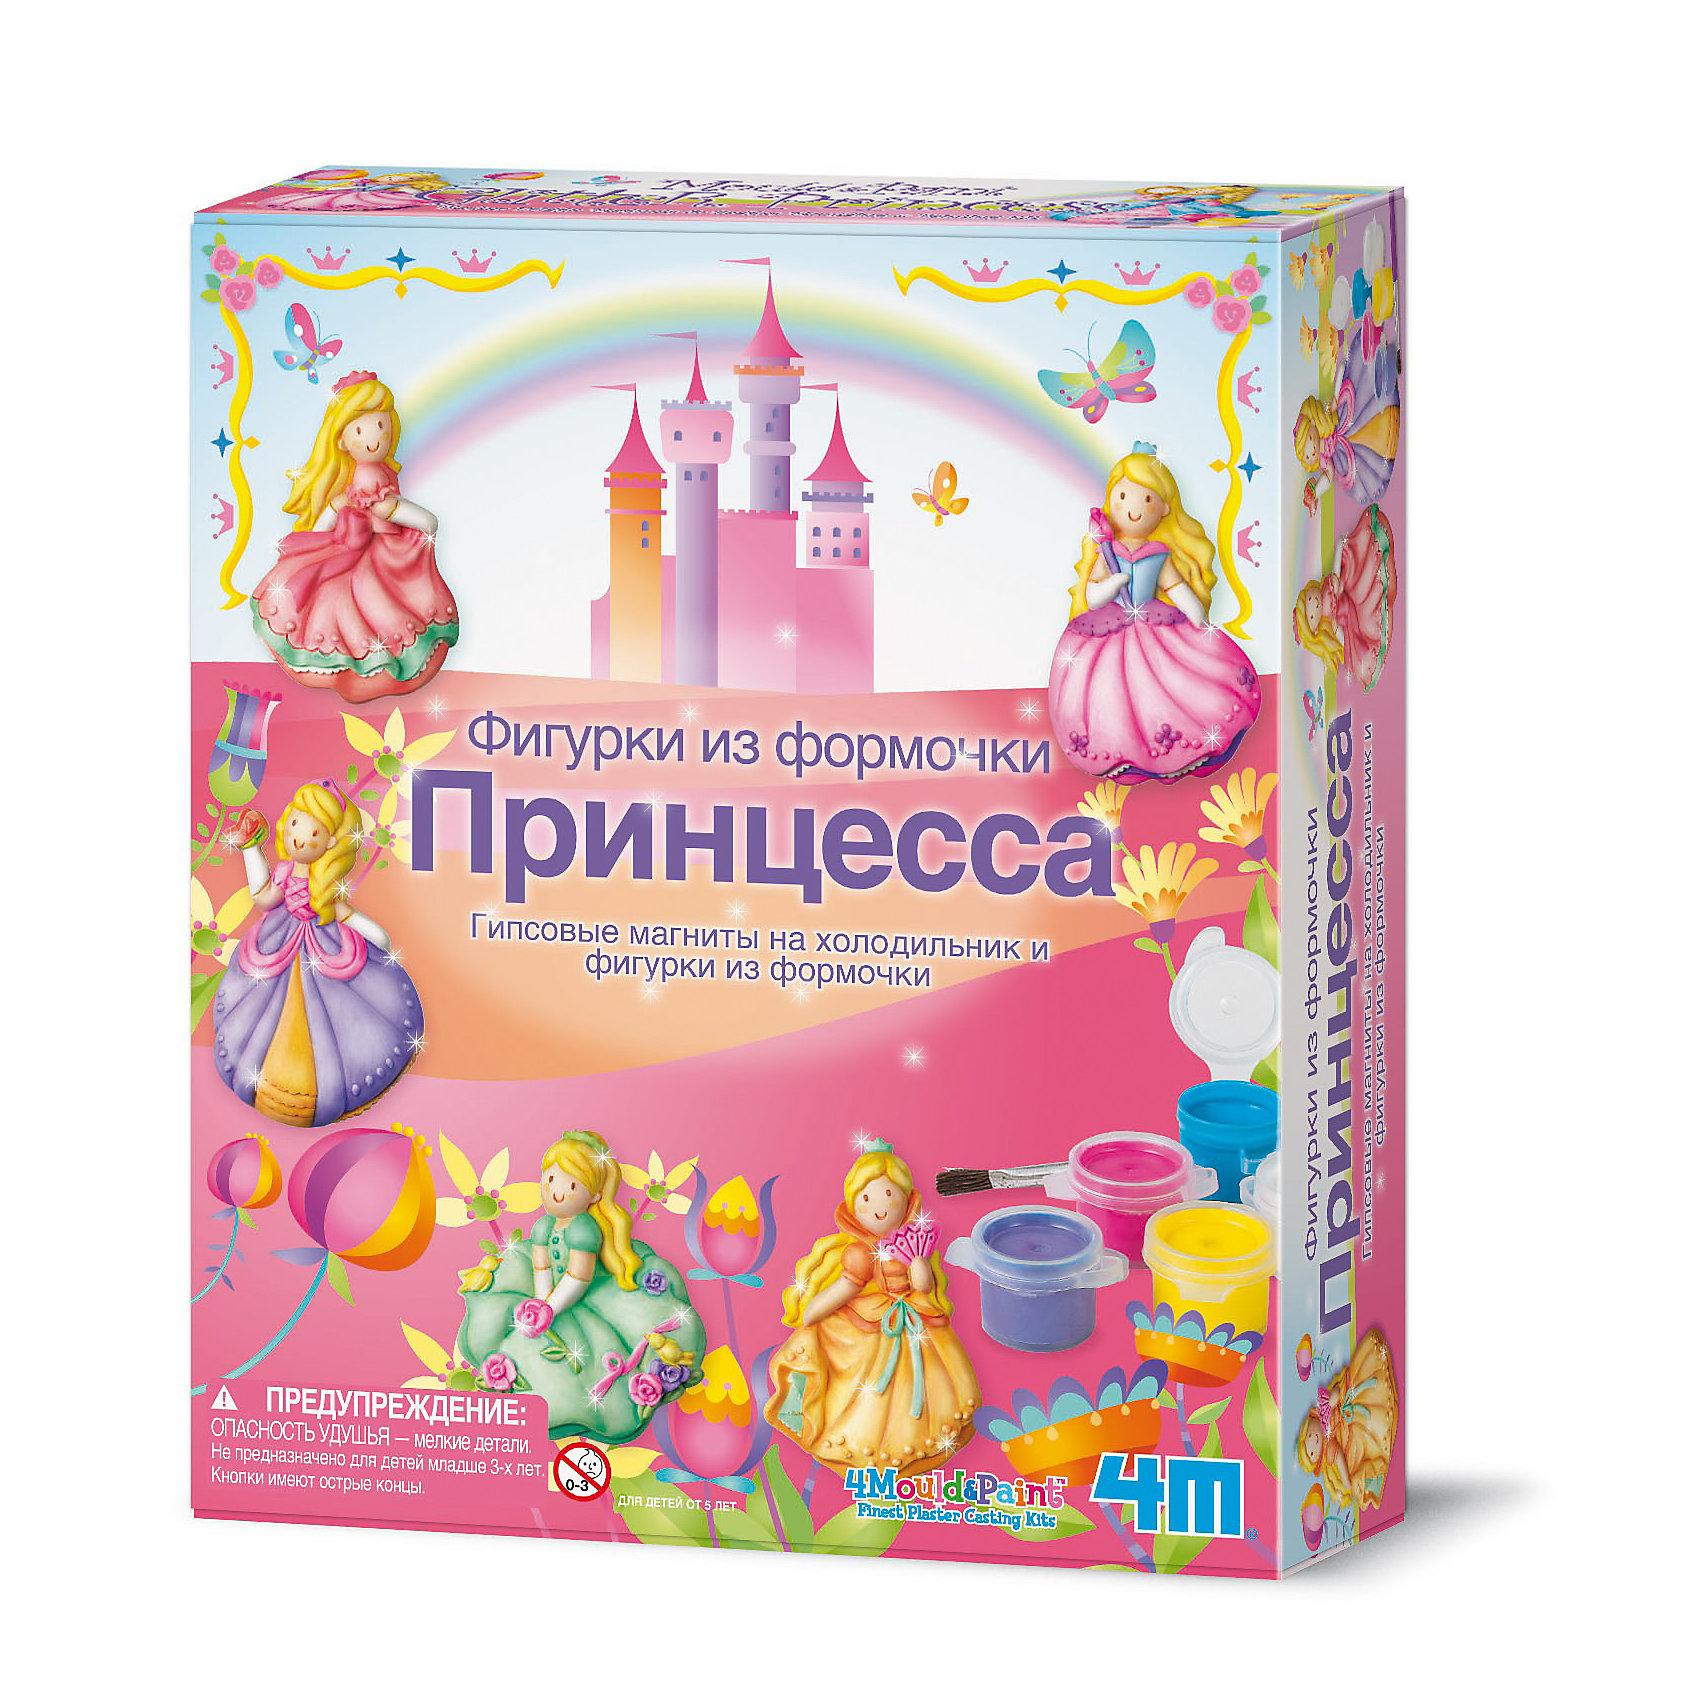 4M Фигурки из формочки Принцесса наборы для творчества 4м фигурки из формочки принцесса 00 03528